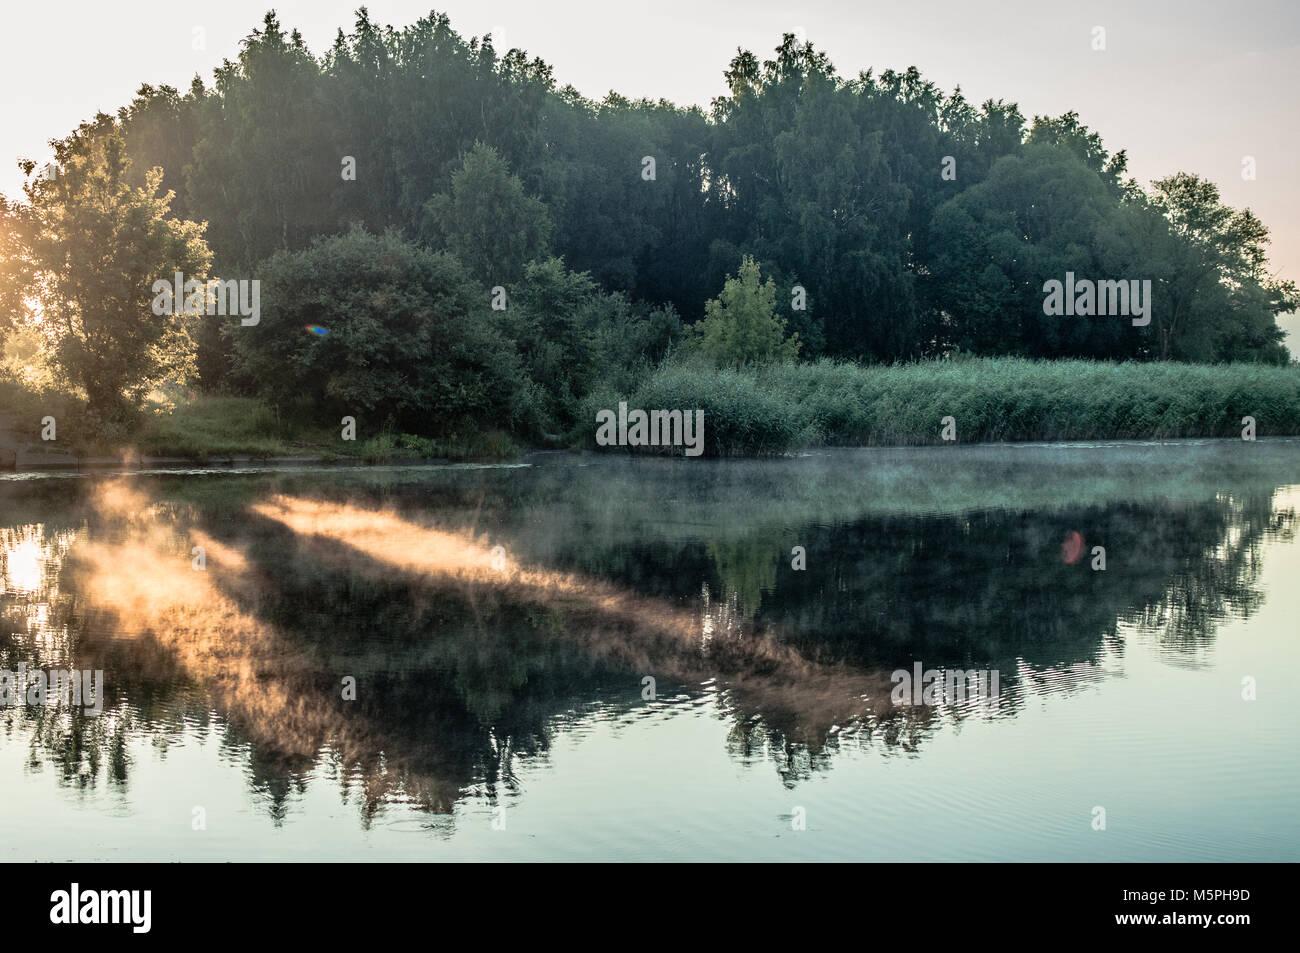 Bellissimo albero riflessioni sulla superficie dei laghi. Foto Stock